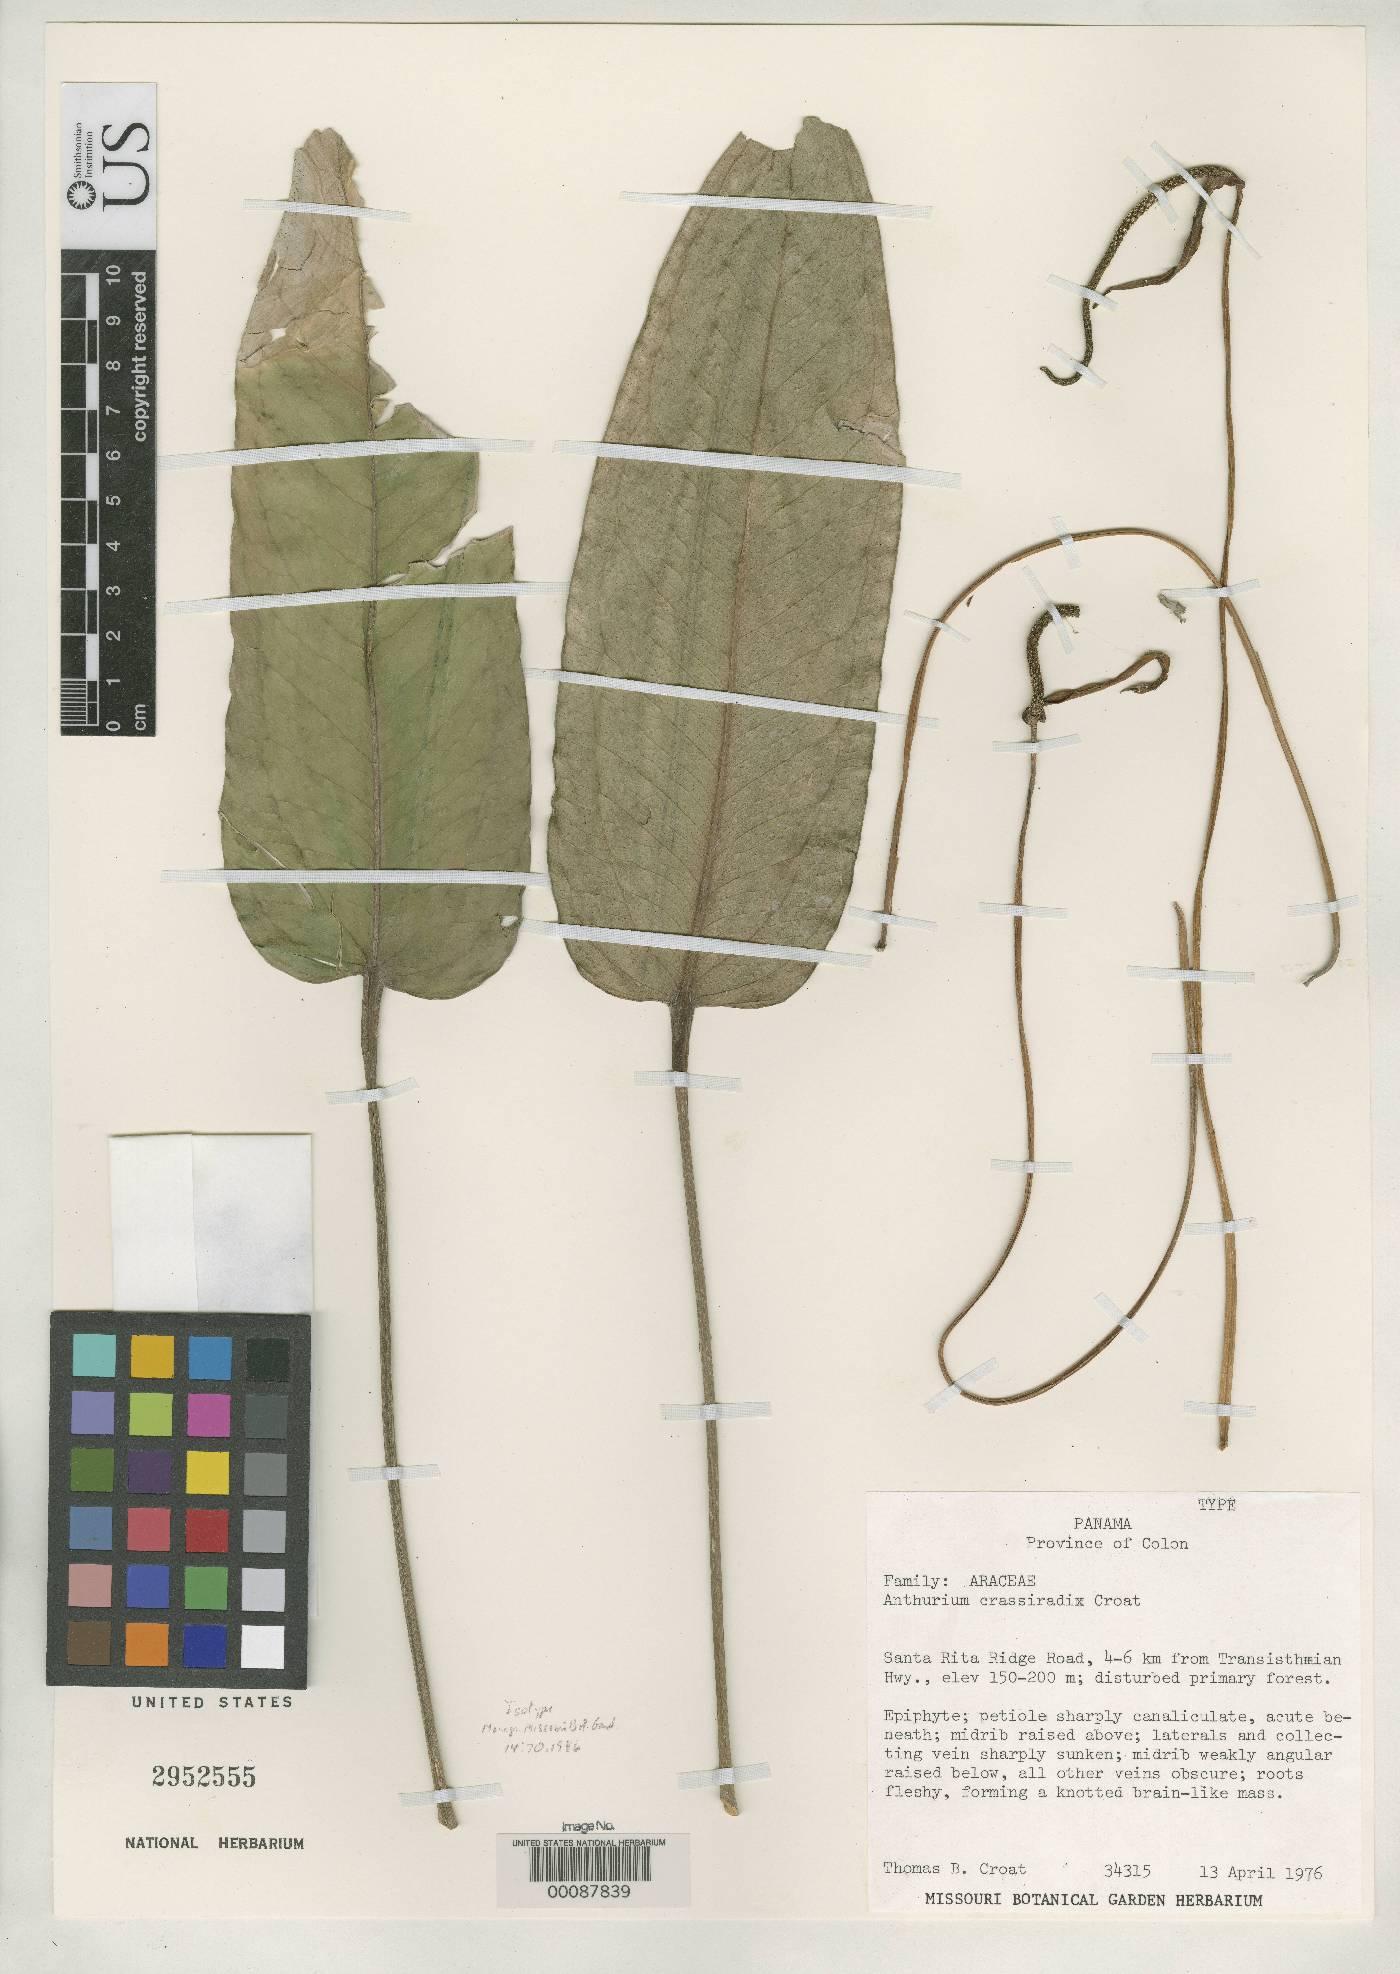 Anthurium crassiradix image